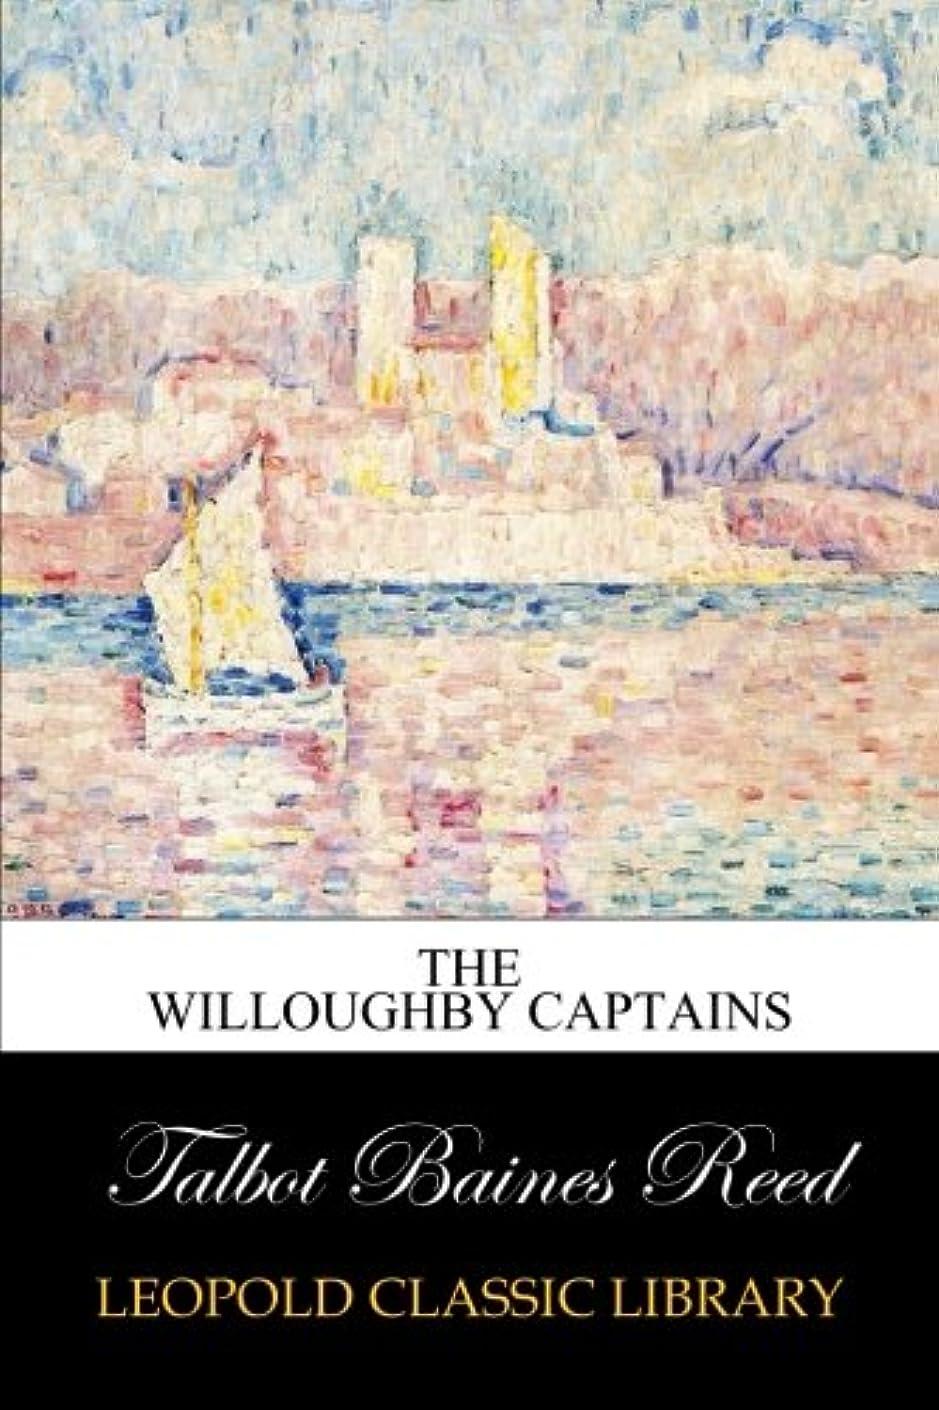 キャッシュ雇用者ヘクタールThe Willoughby Captains